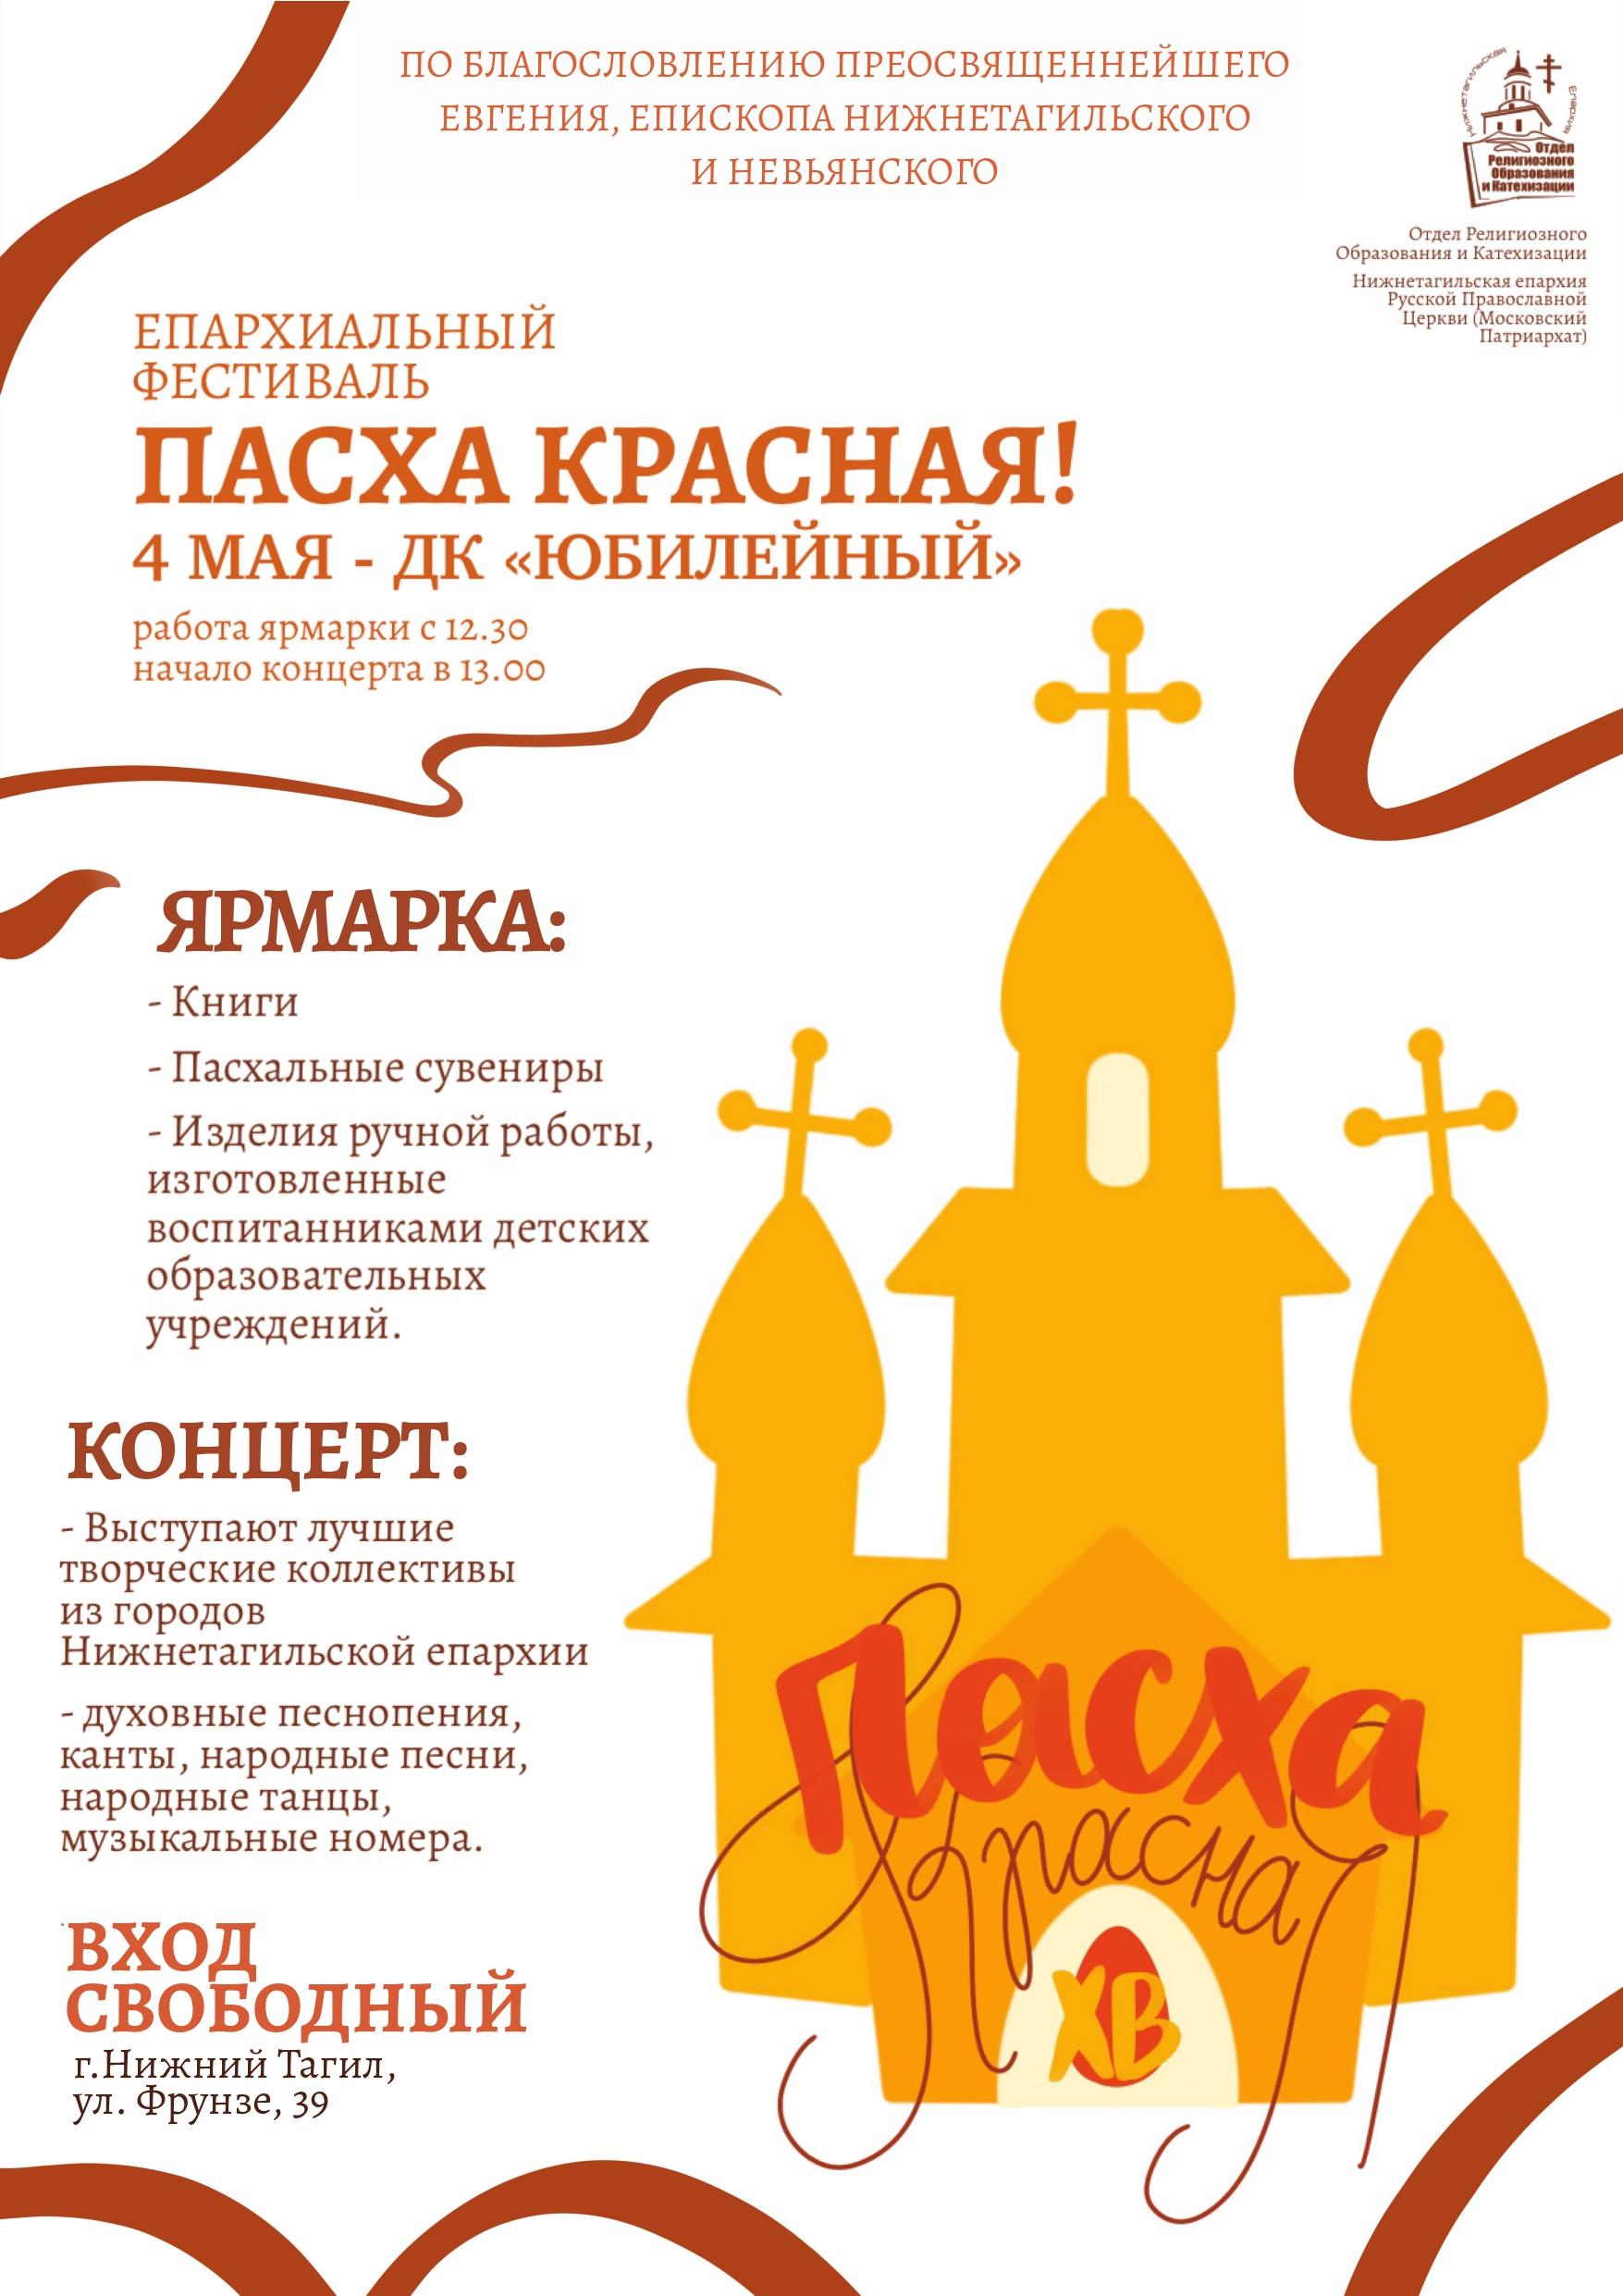 """Епархиальный фестиваль """"Пасха Красная"""" приглашает гостей!"""